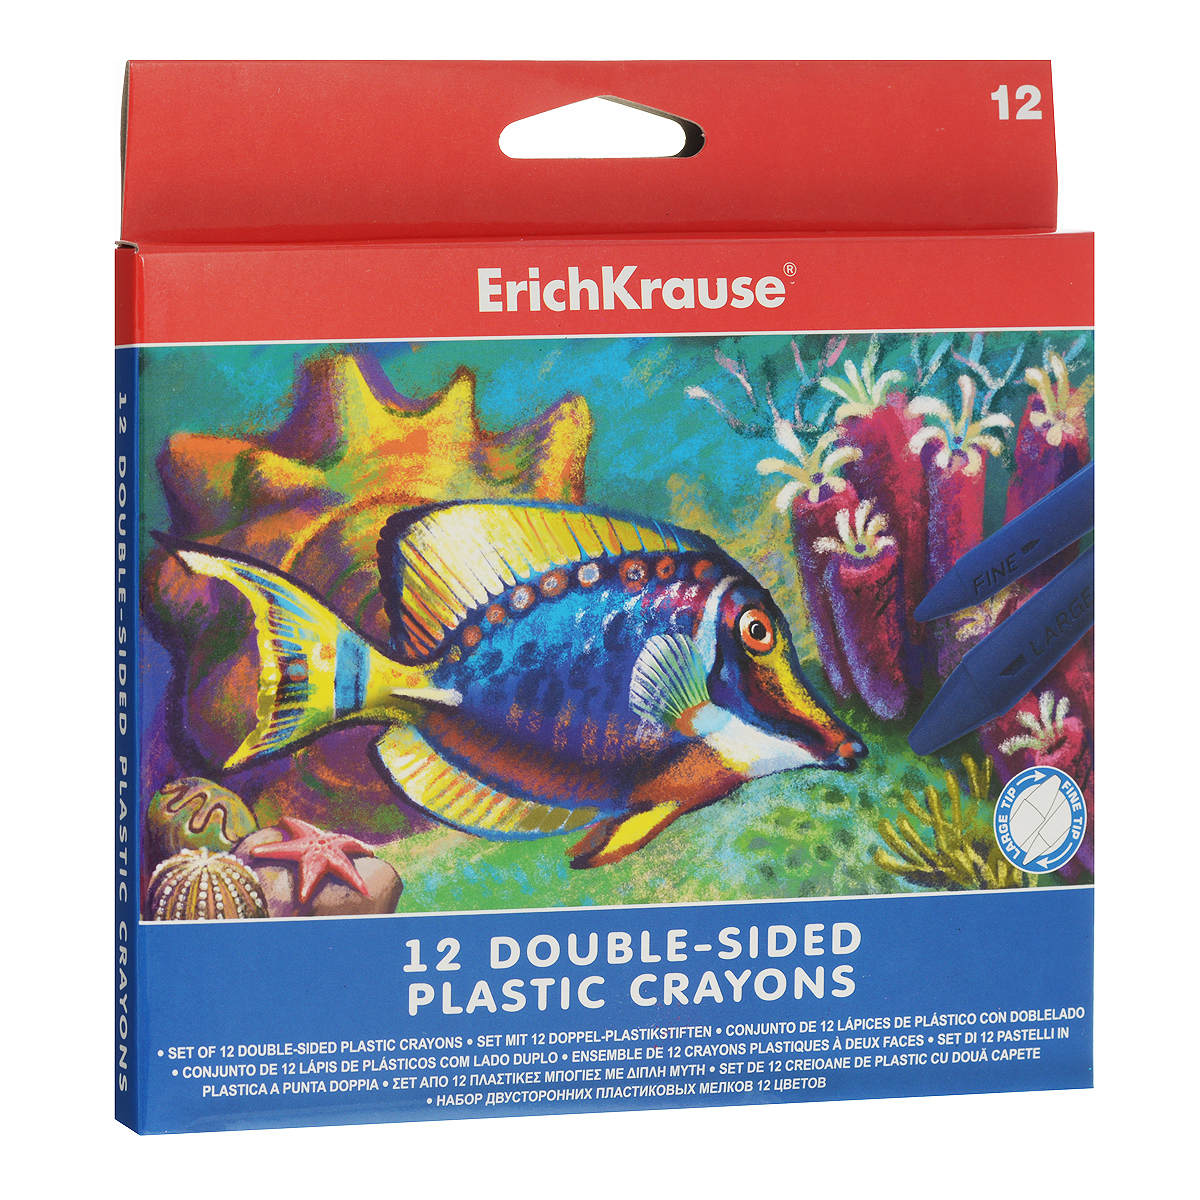 Двусторонние мелки Erich Krause, 12 цветовFS-00103Двусторонние мелки Erich Krause помогут вашему маленькому художнику раскрыть свой талант. В набор входят 12 цветных мелков (желтый, оранжевый, розовый, красный, коричневый, салатовый, зеленый, голубой, синий, светло-фиолетовый, фиолетовый, черный).Мелками очень удобно пользоваться: с одной стороны имеется широкий наконечник для быстрого раскрашивания, а с другой - узкий наконечник для тонких линий. Их не нужно точить, кроме того, они водоустойчивы. Мелки помогут малышу развить мелкую моторику рук, координацию движений, цветовое восприятие, воображение и творческое мышление.